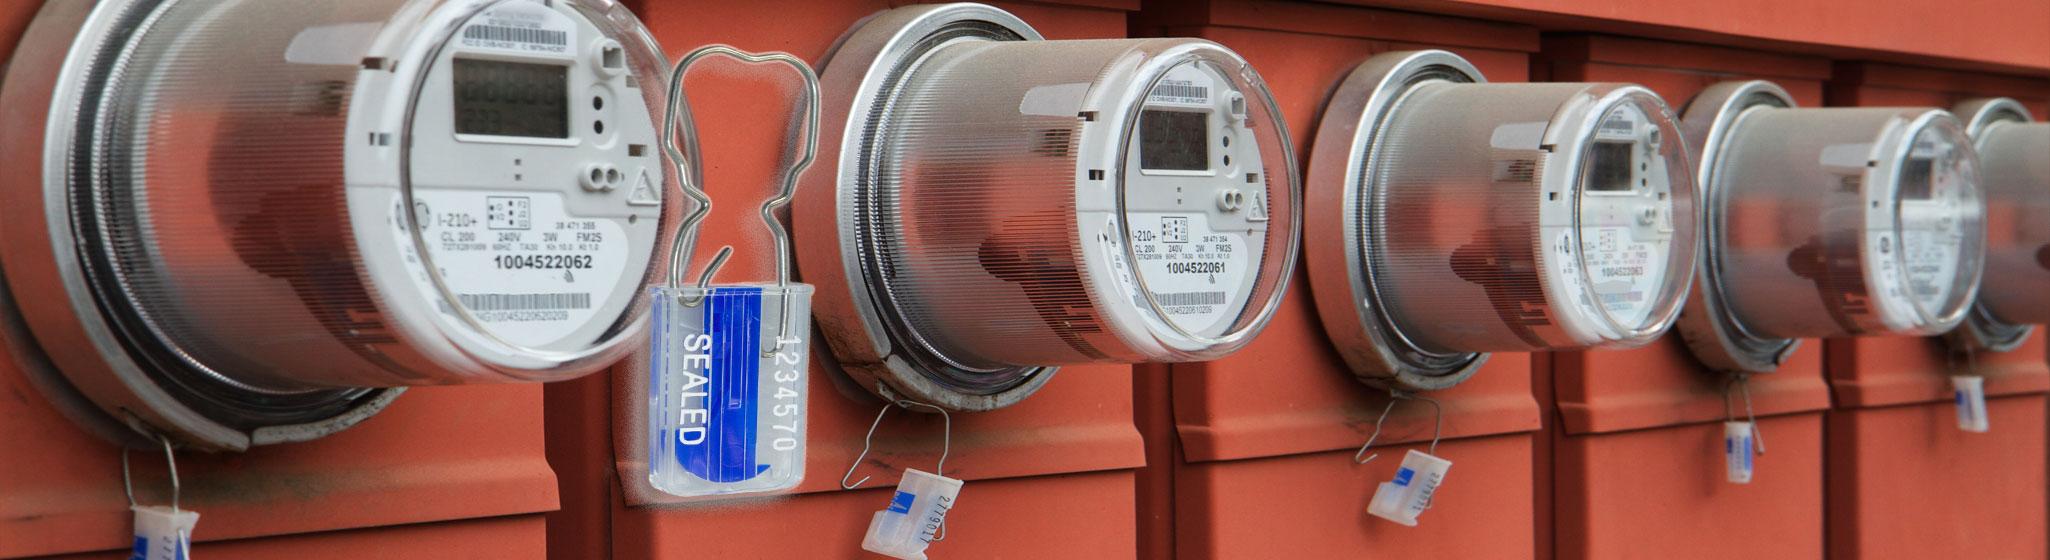 tyden-asia-meter-utility-seals